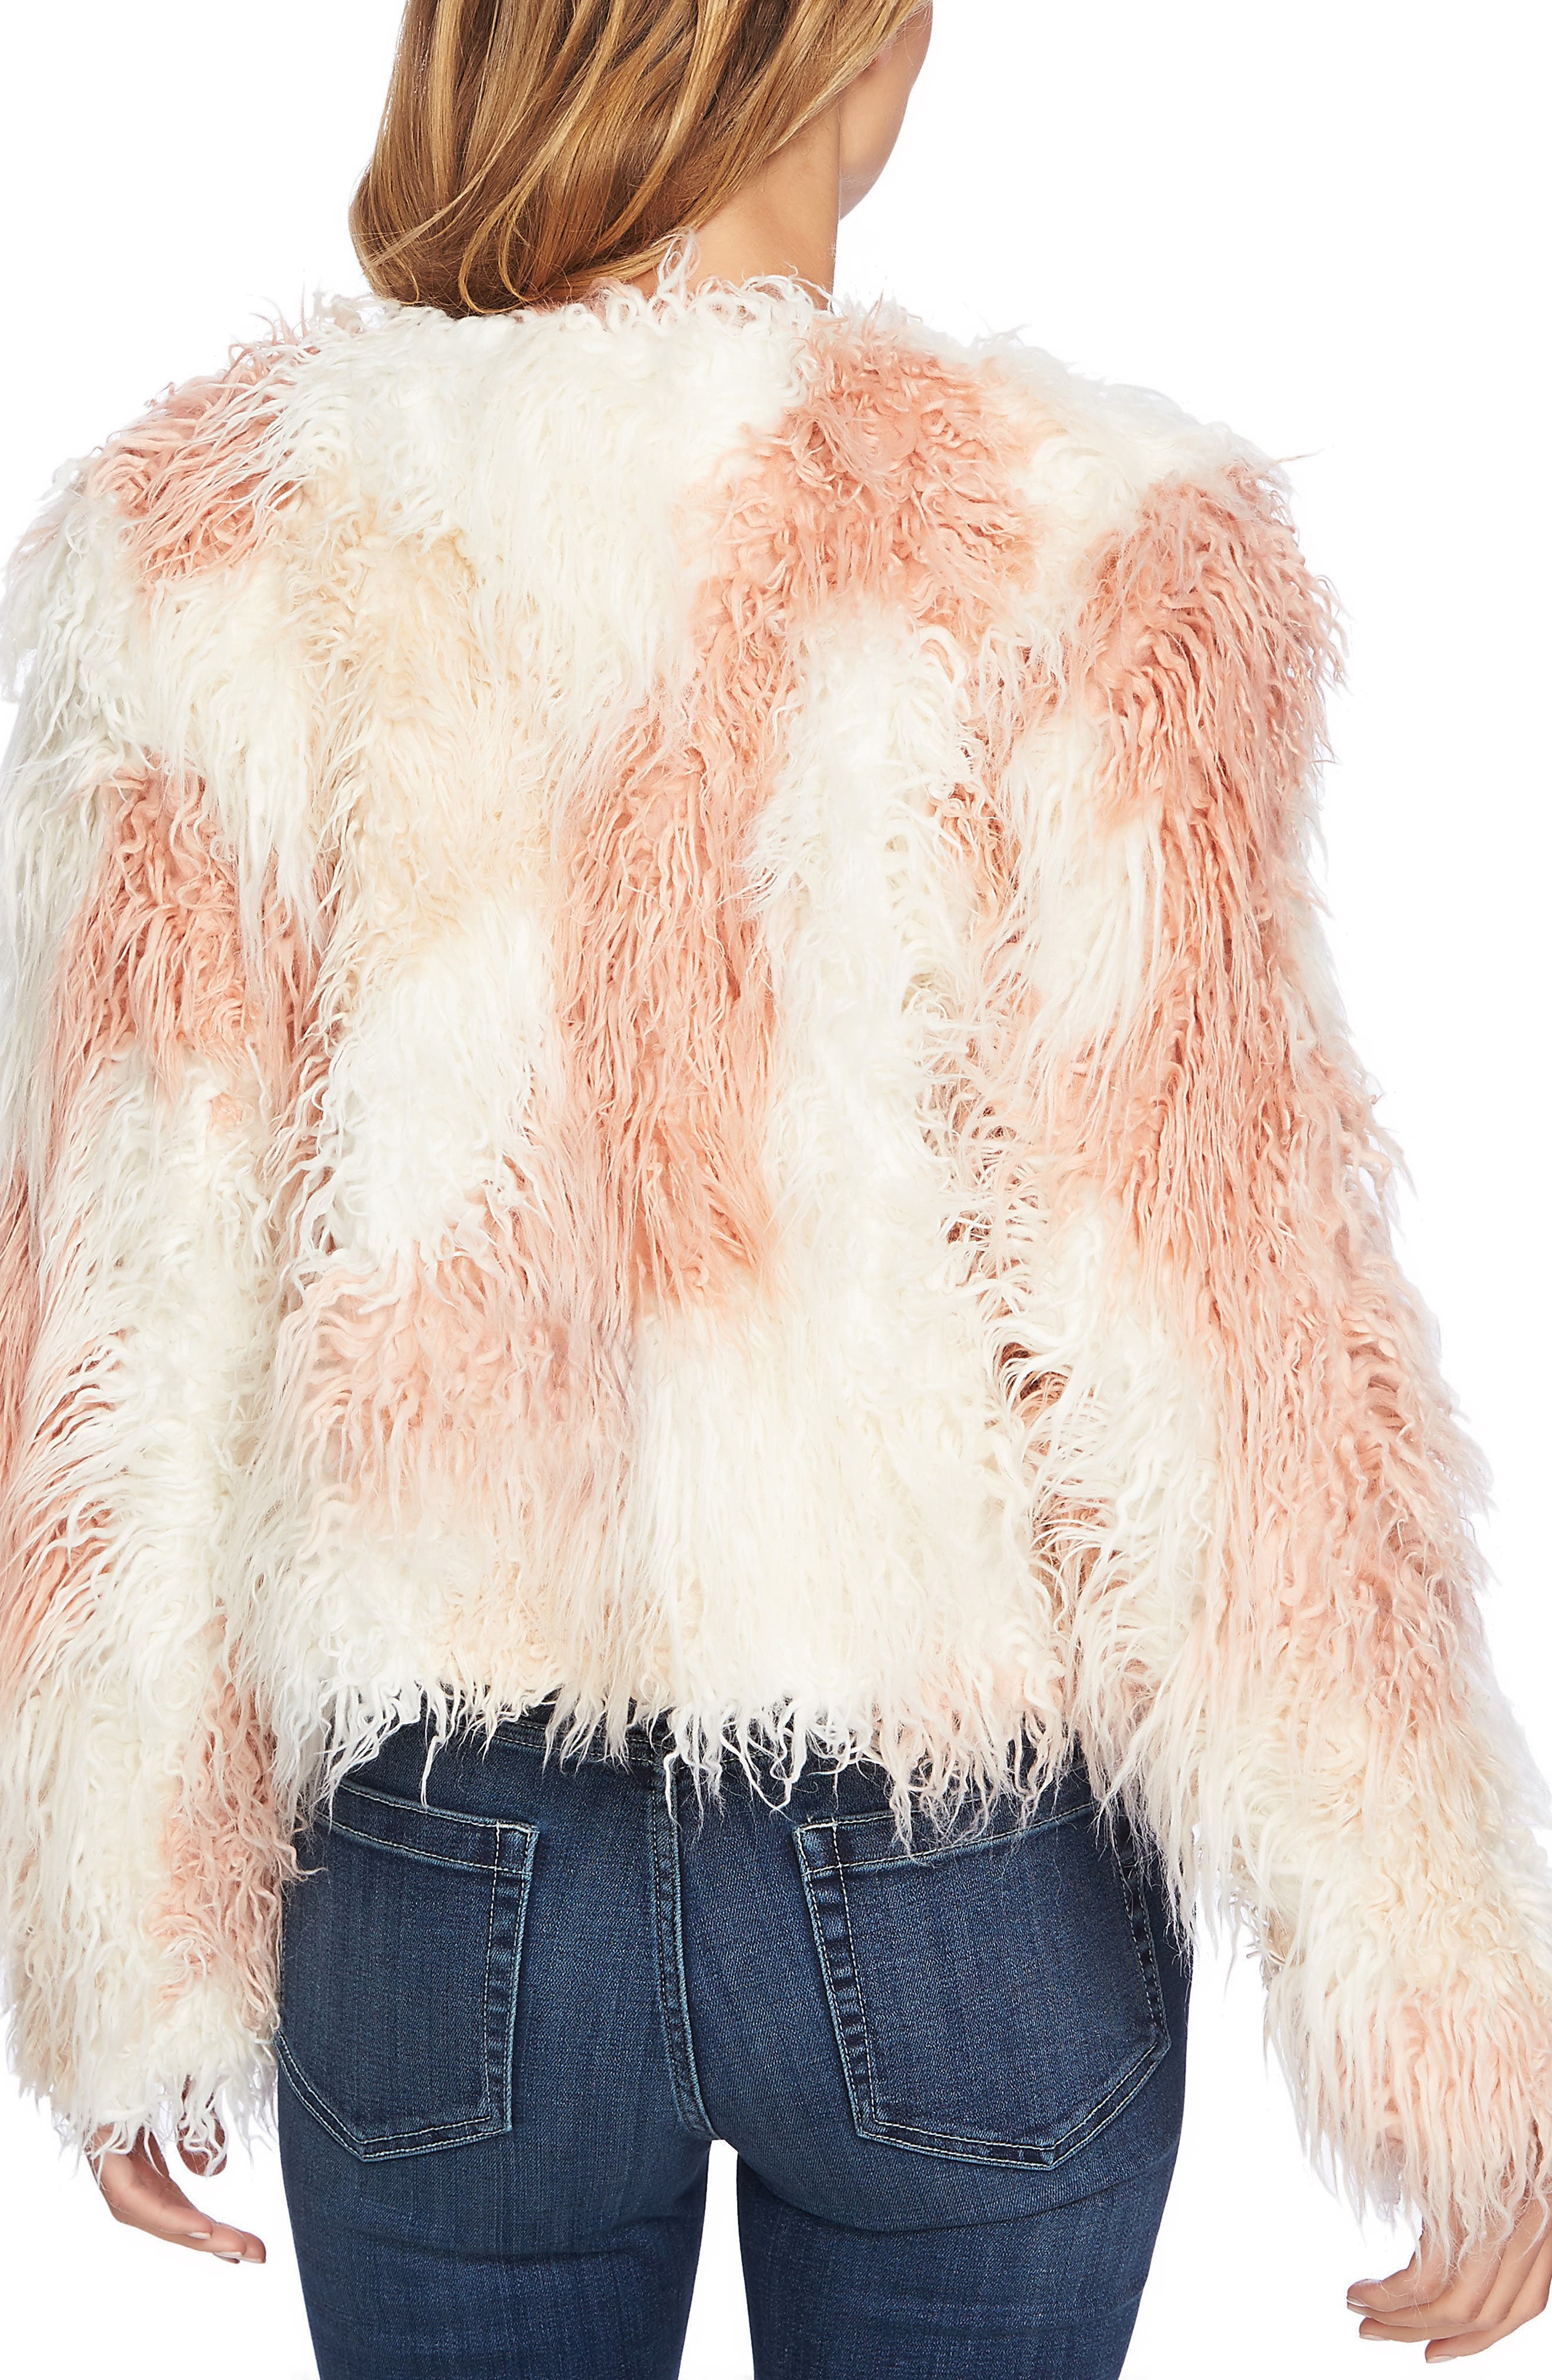 Shaggy Patchwork Faux Fur Jacket,                             Alternate thumbnail 2, color,                             ANTIQUE WHITE